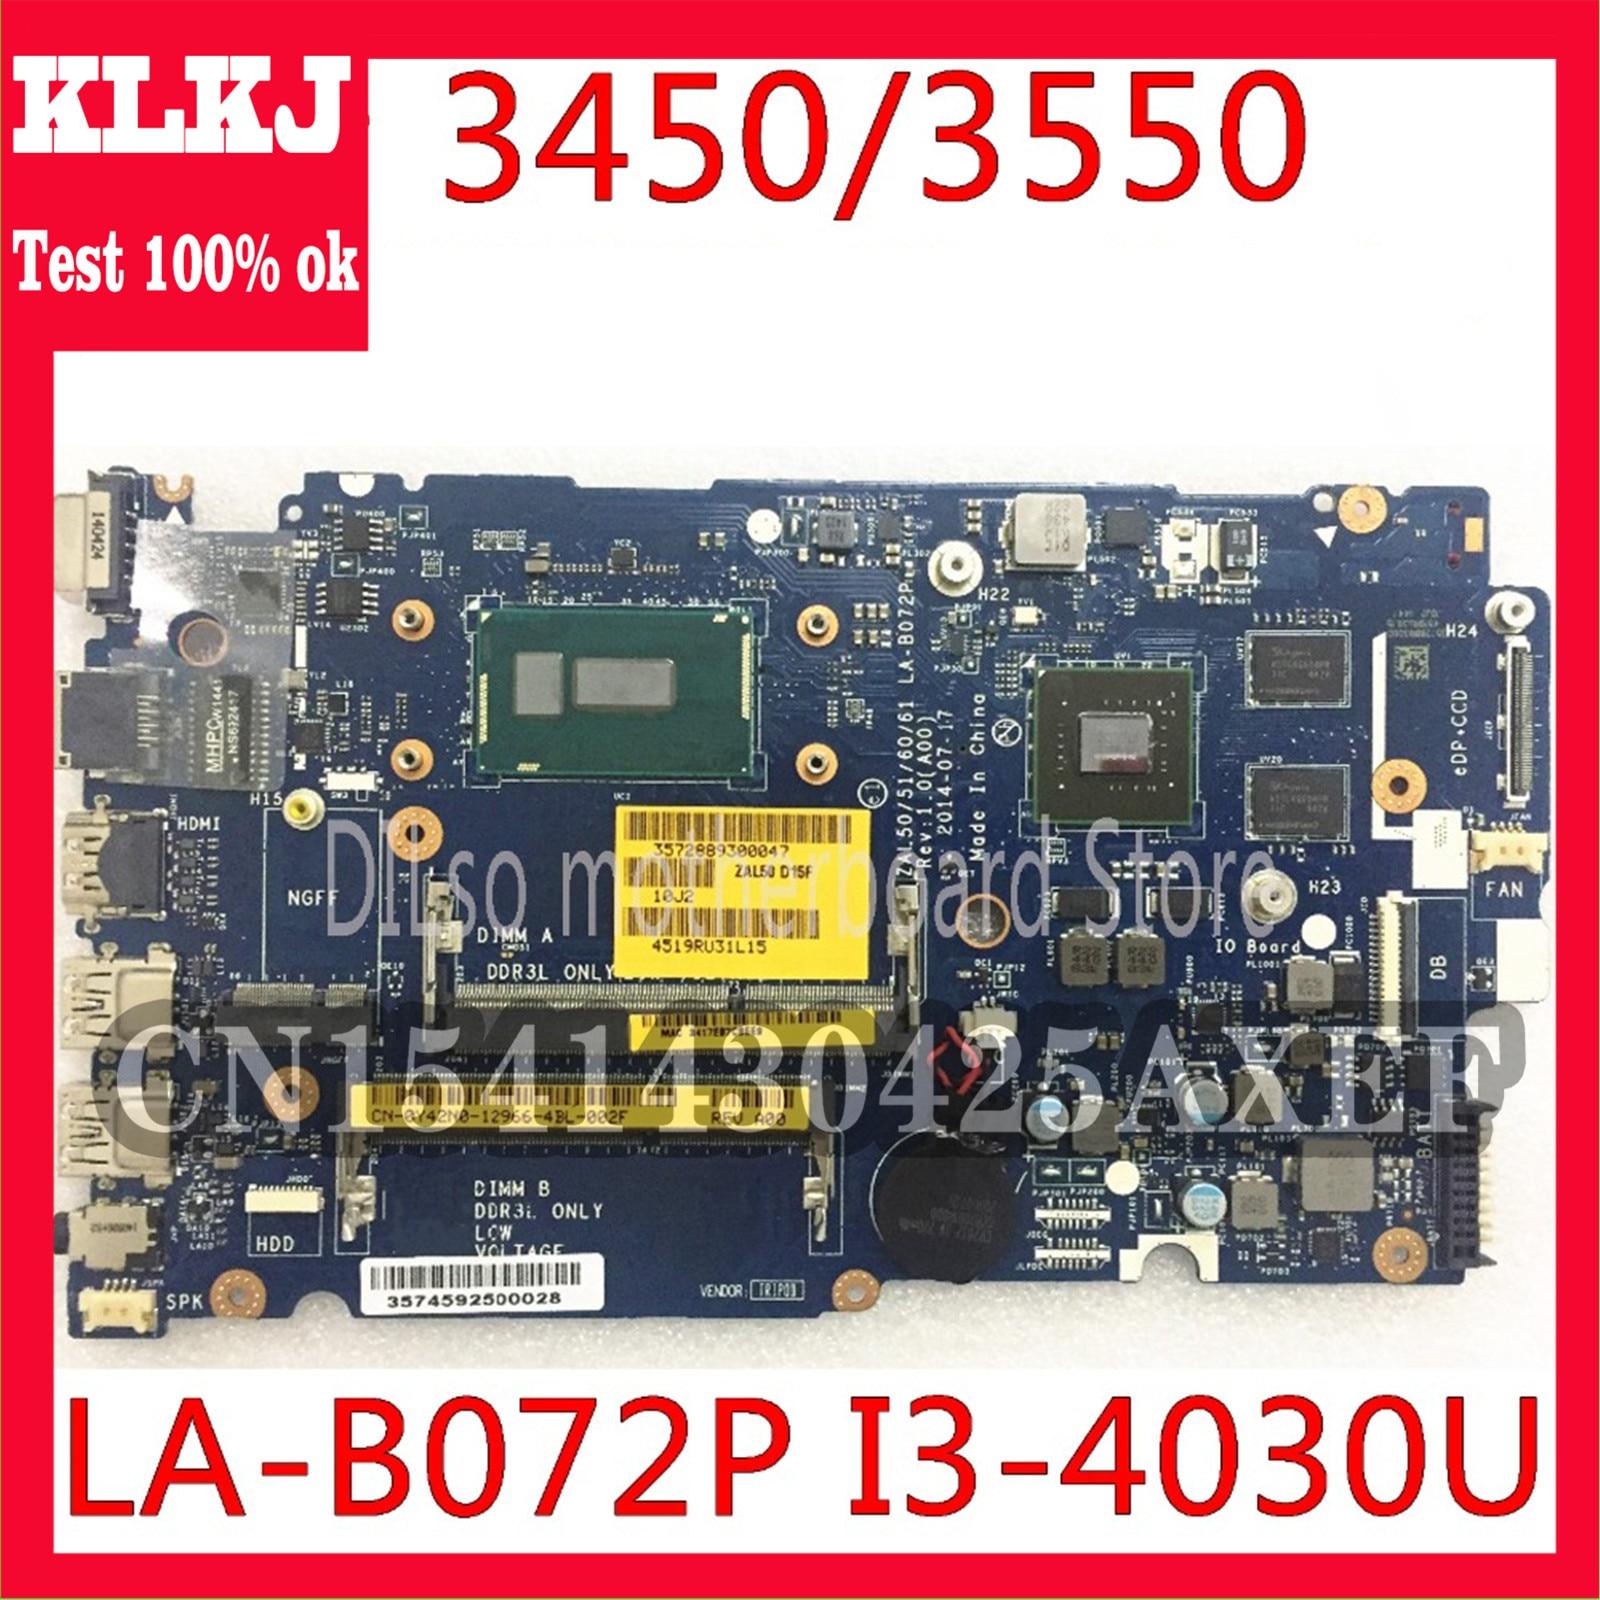 KLKJ LA-B072P CN-0YWW5F CN-01J67F لديل خط العرض 3450 3550 اللوحة ZAL50/51/60/61 LA-B072P i3-4030u اختبار العمل 100%